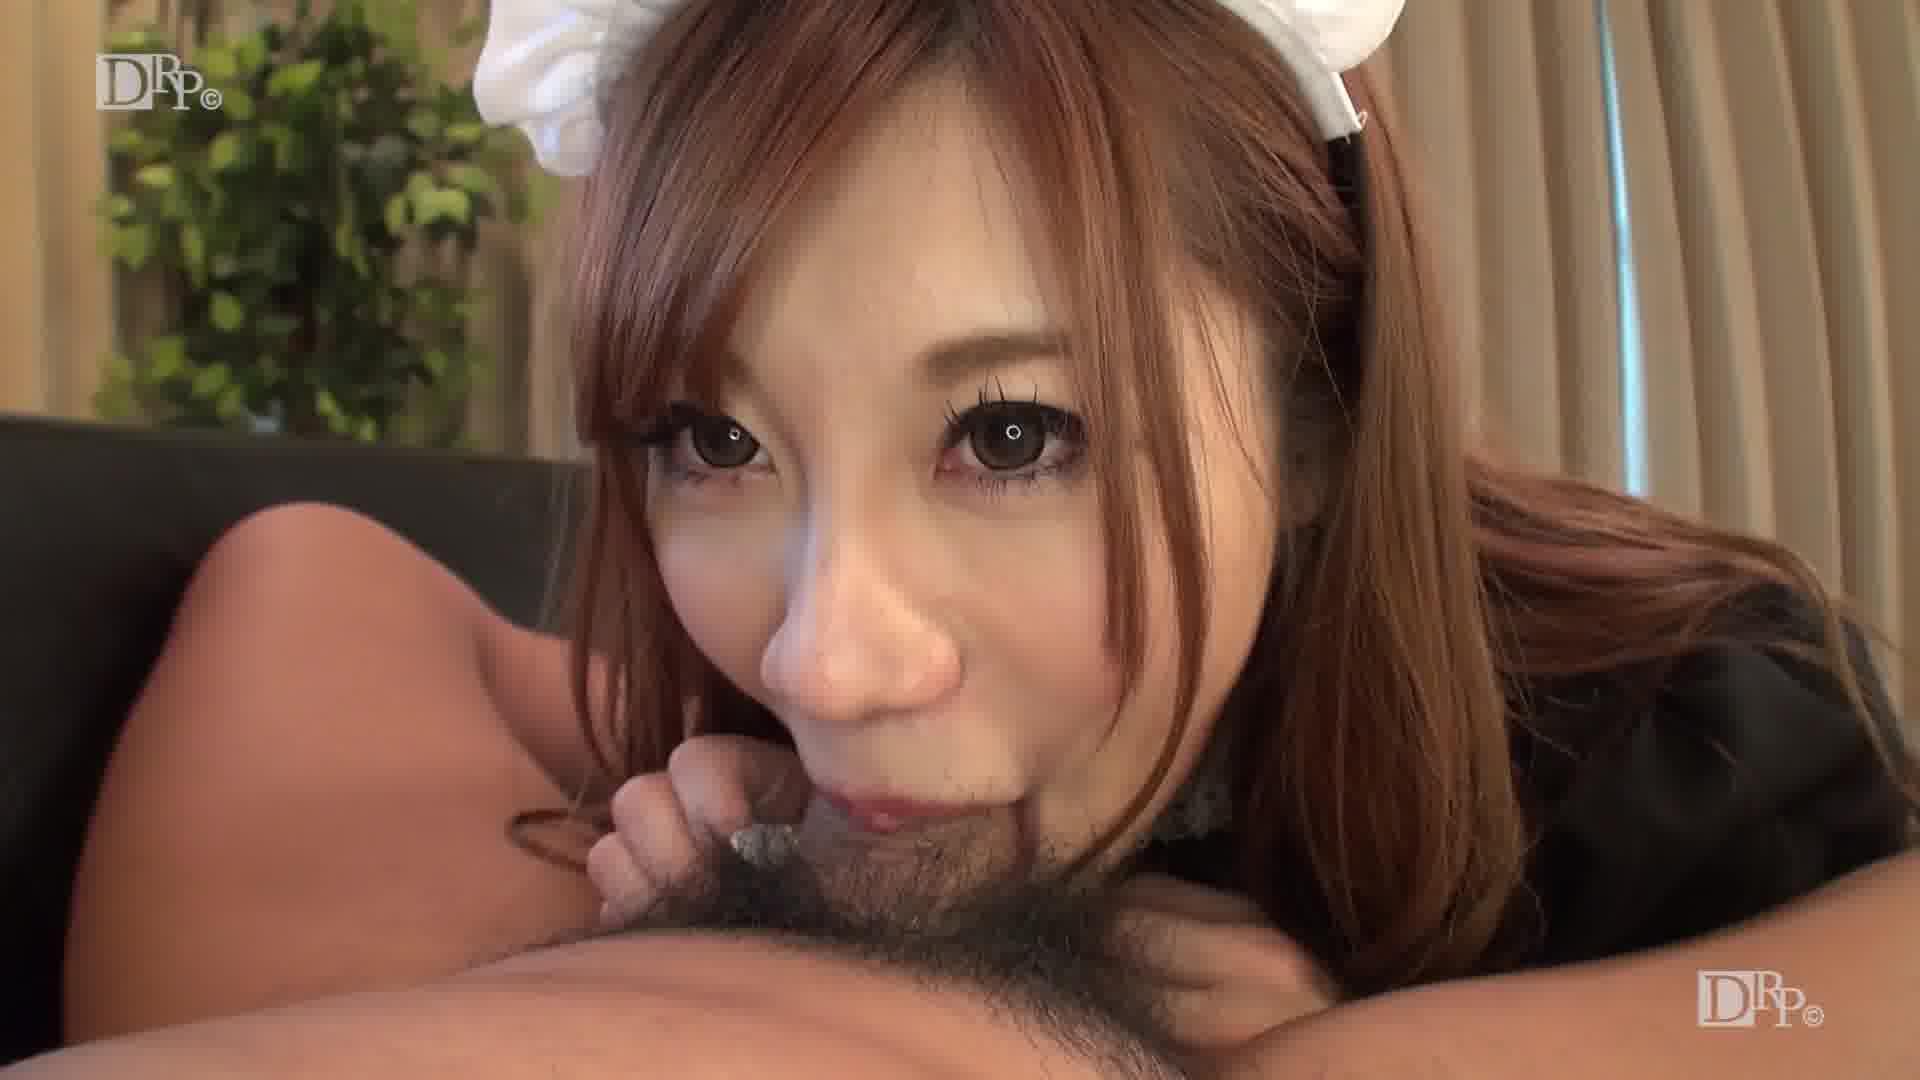 即尺ご奉仕メイド ~ご主人様のおちんぽを掃除させて下さい~ - 大咲萌【メイド・パイパン・中出し】